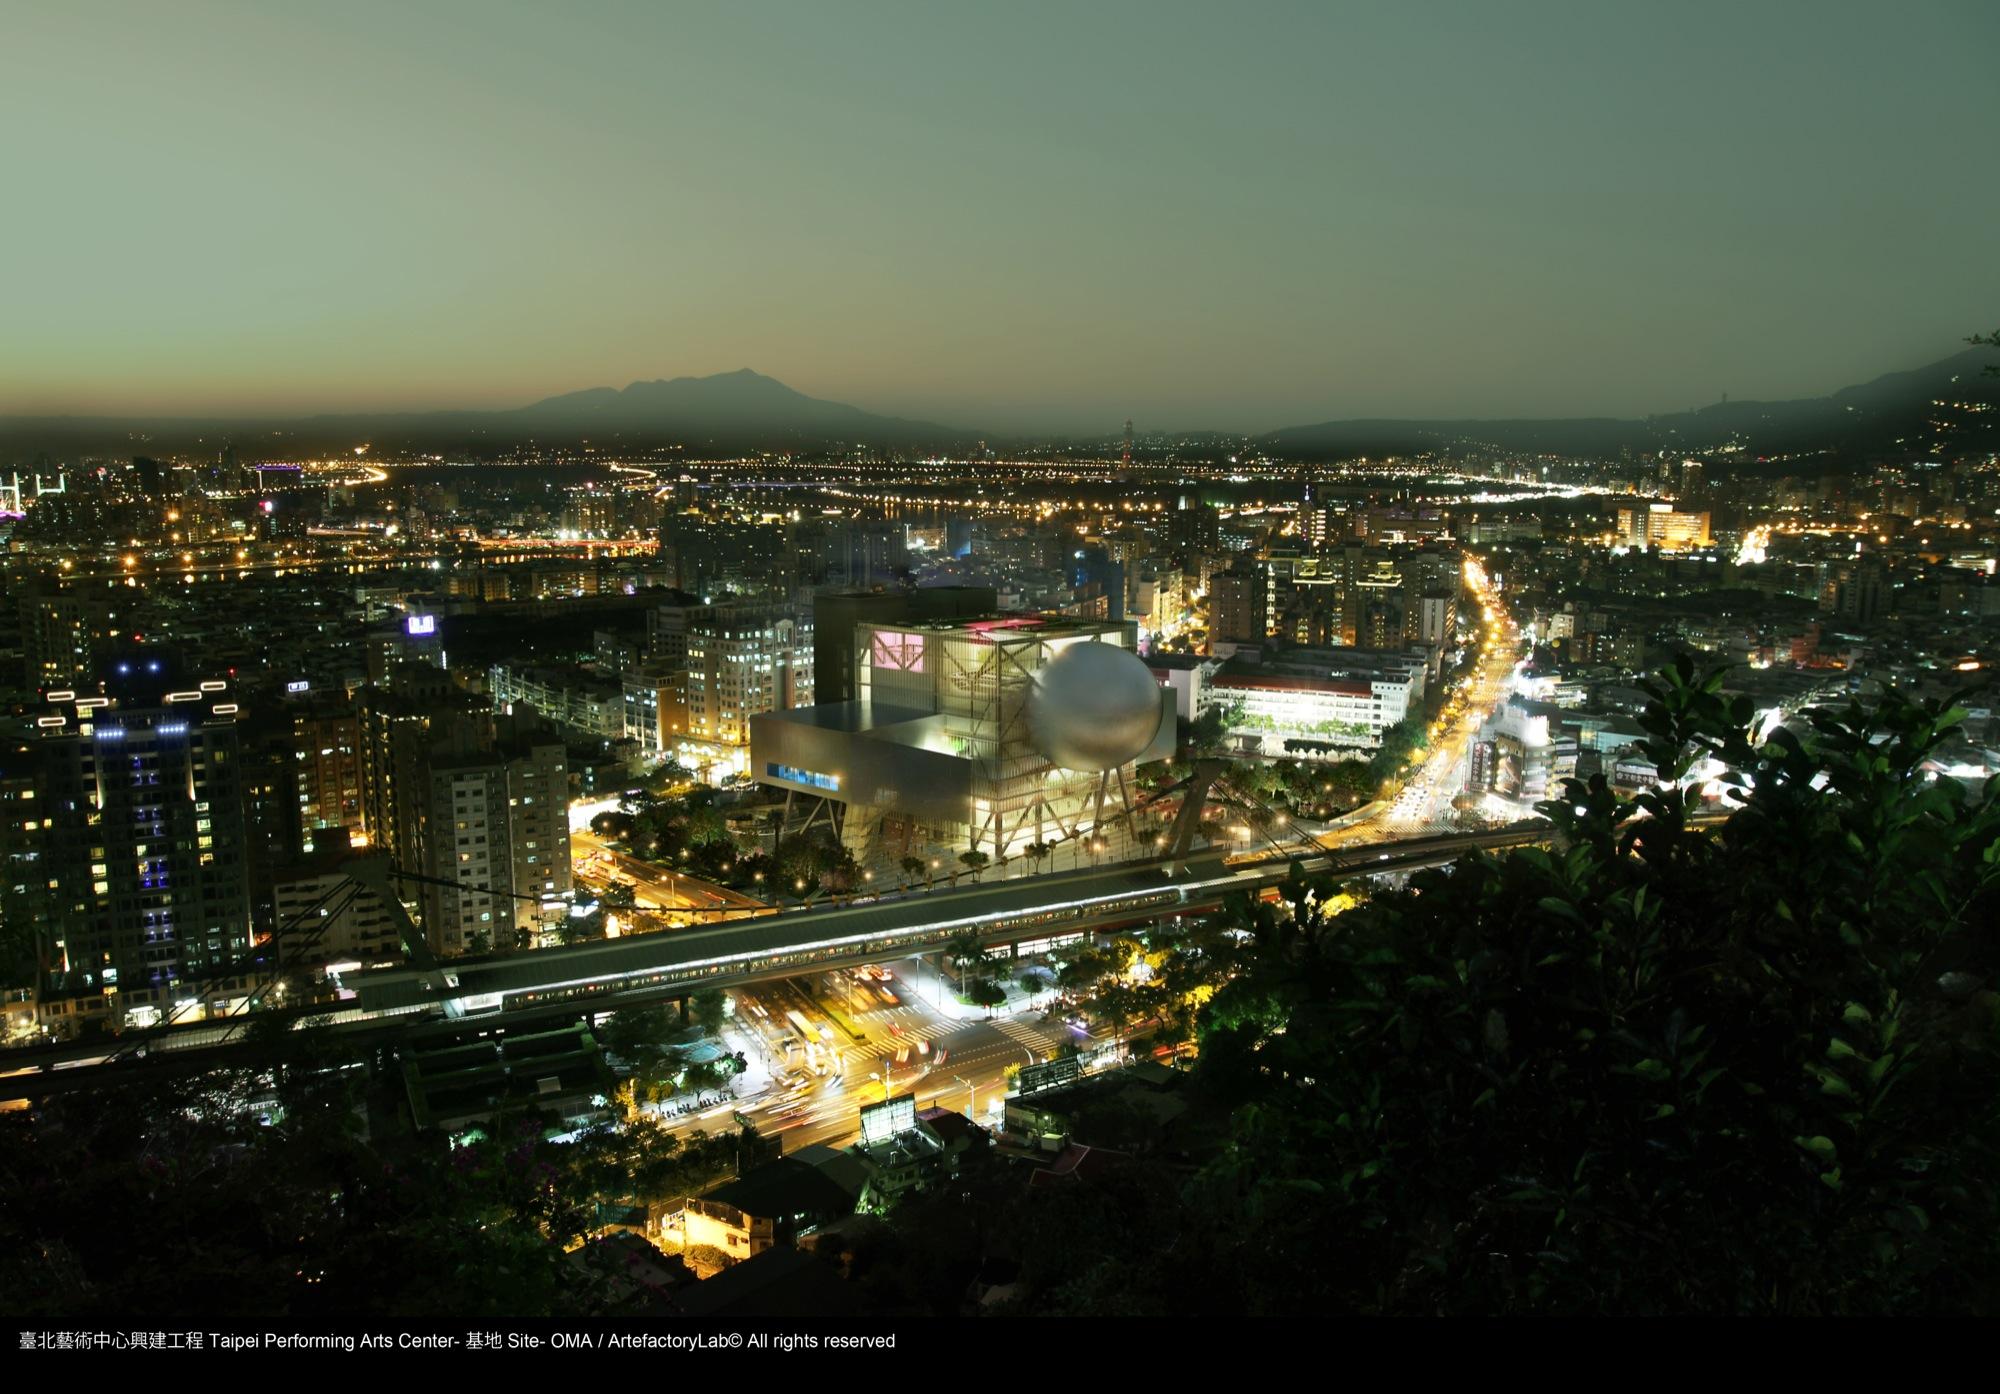 O Taipei Performing Arts Center, do OMA, começa a ser construído, TPAC localização © OMA